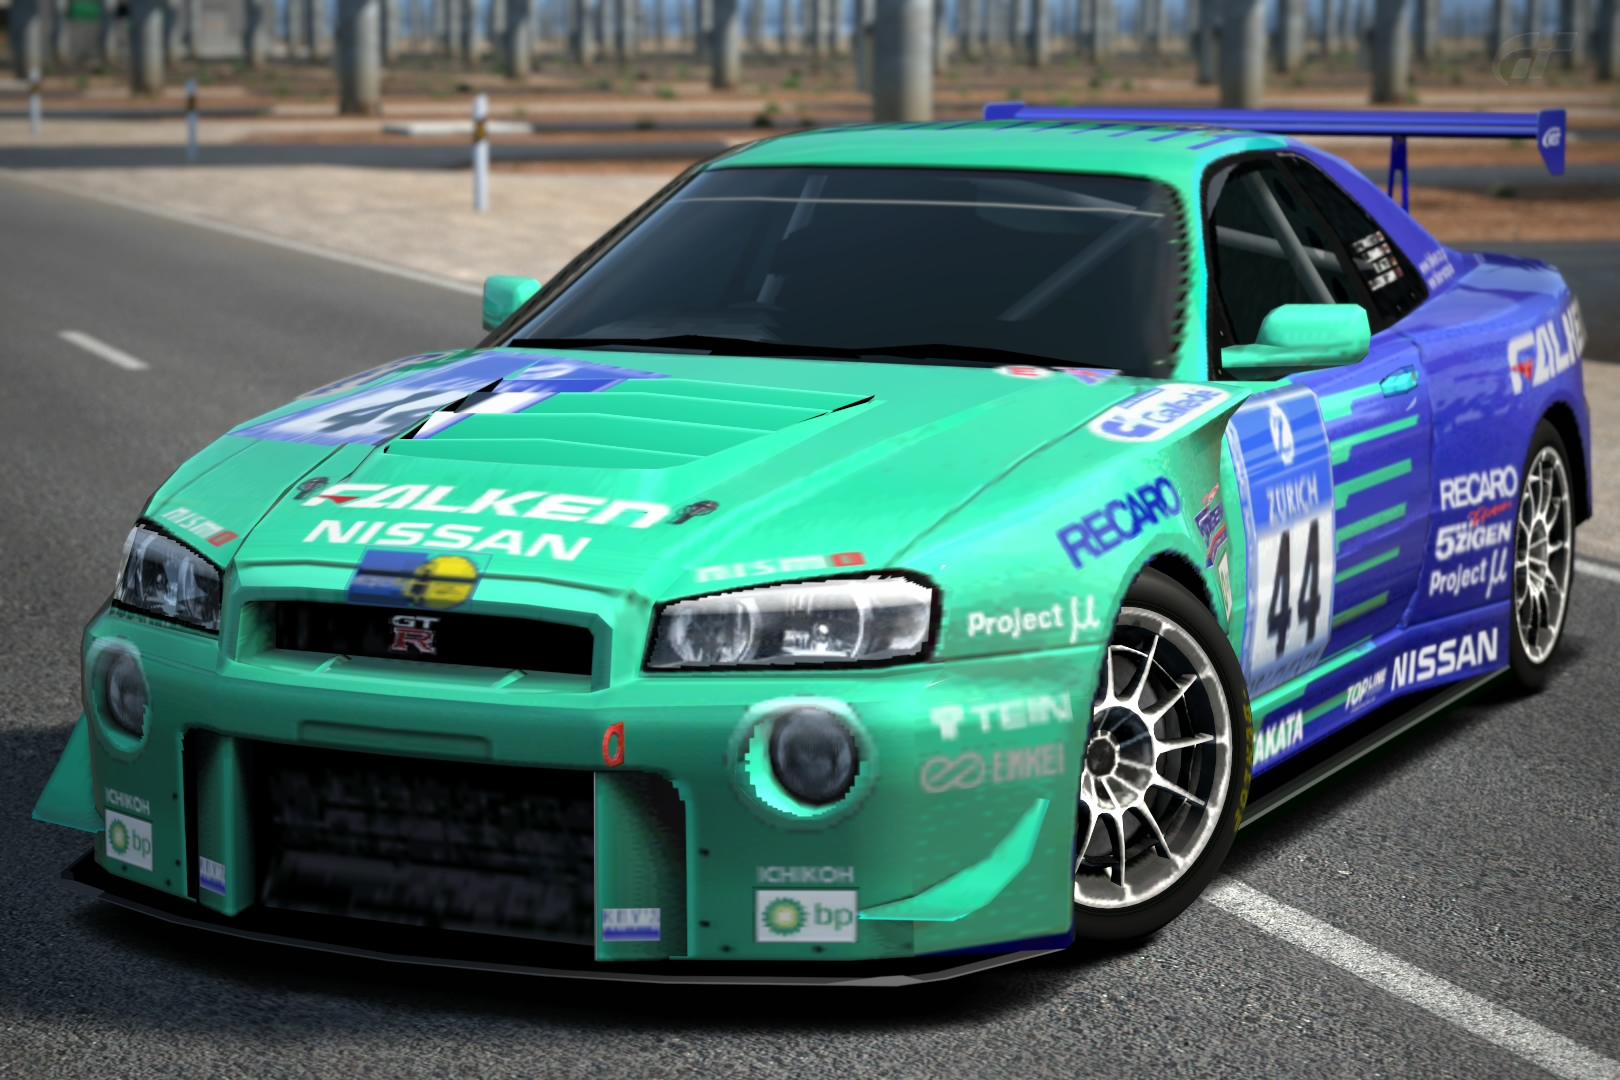 Nissan Skyline | Gran Turismo Wiki | FANDOM powered by Wikia